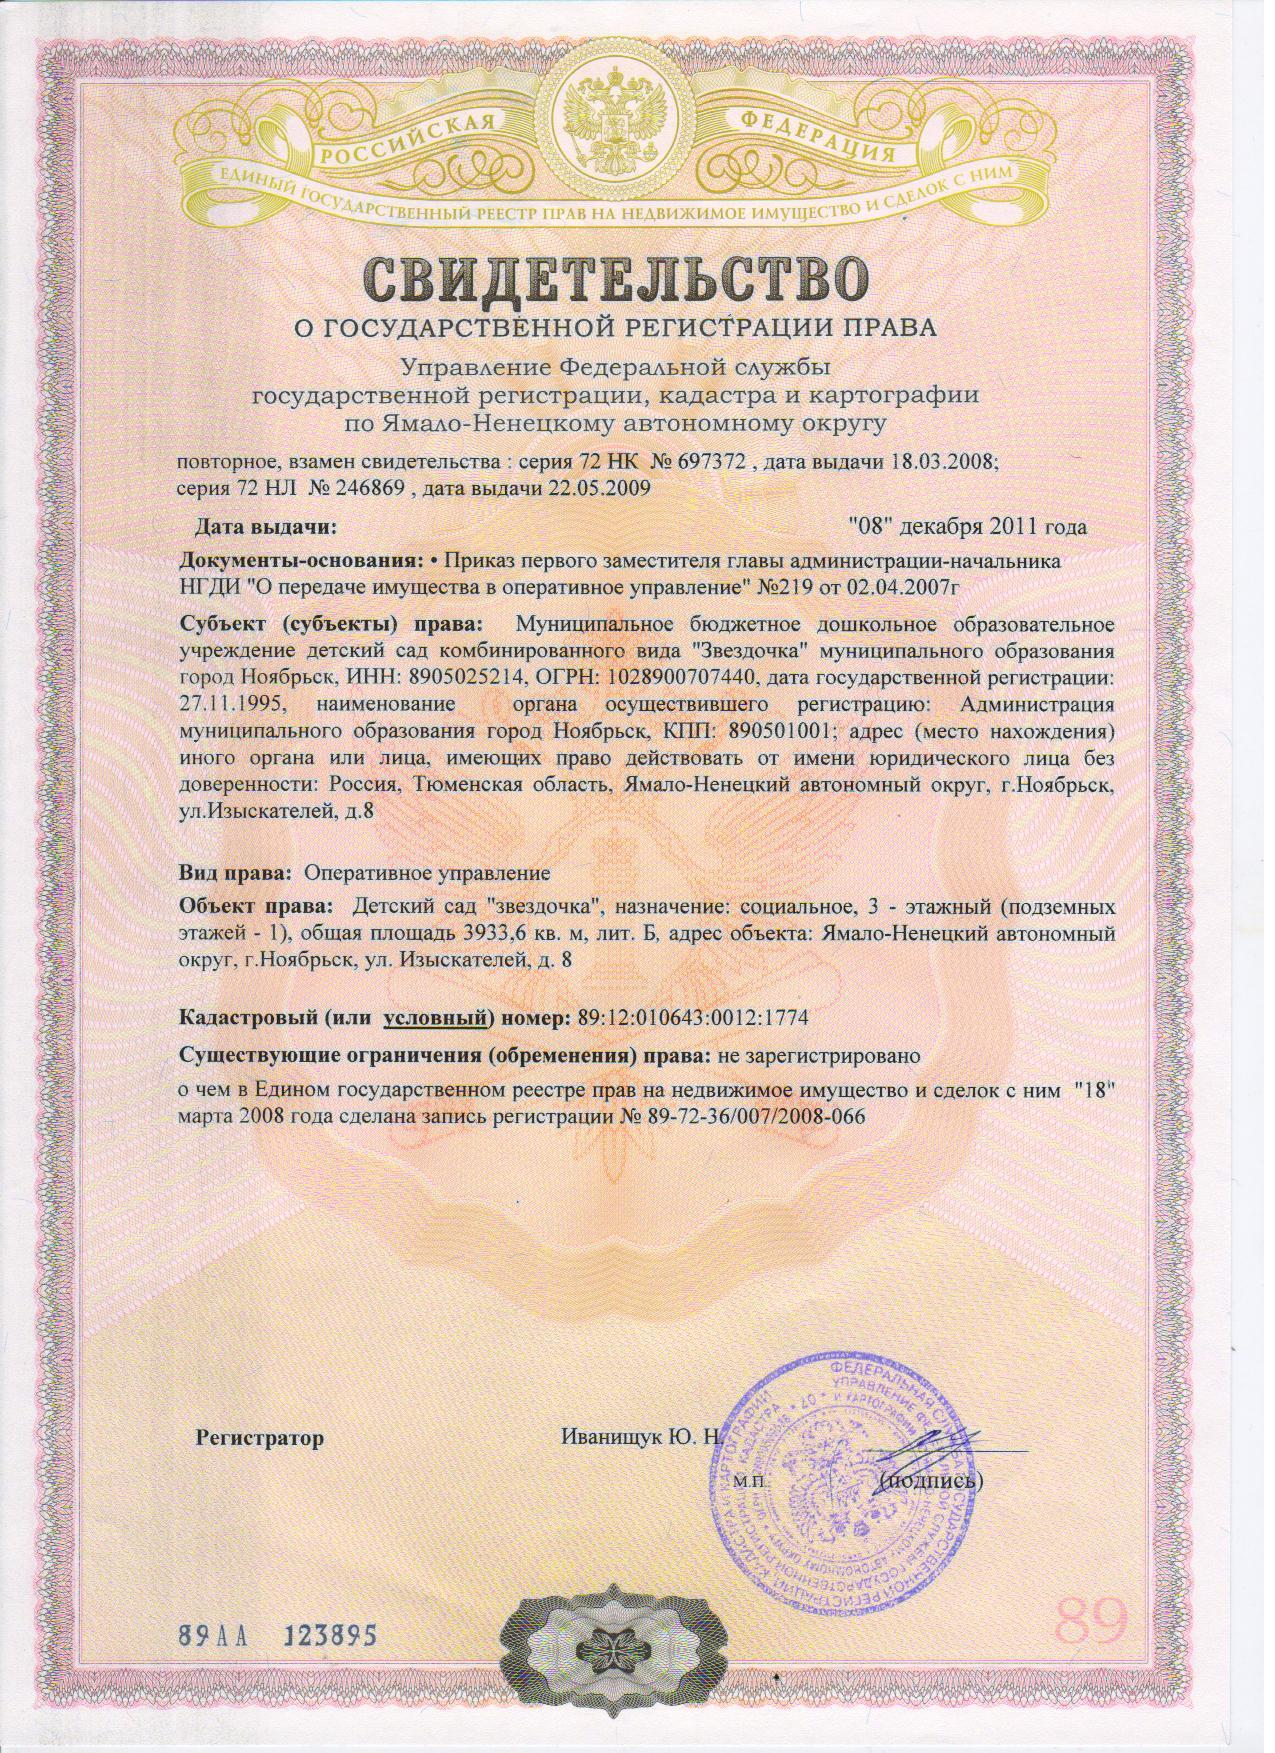 Свидетельство о государственной регистрации прав оперативного управления